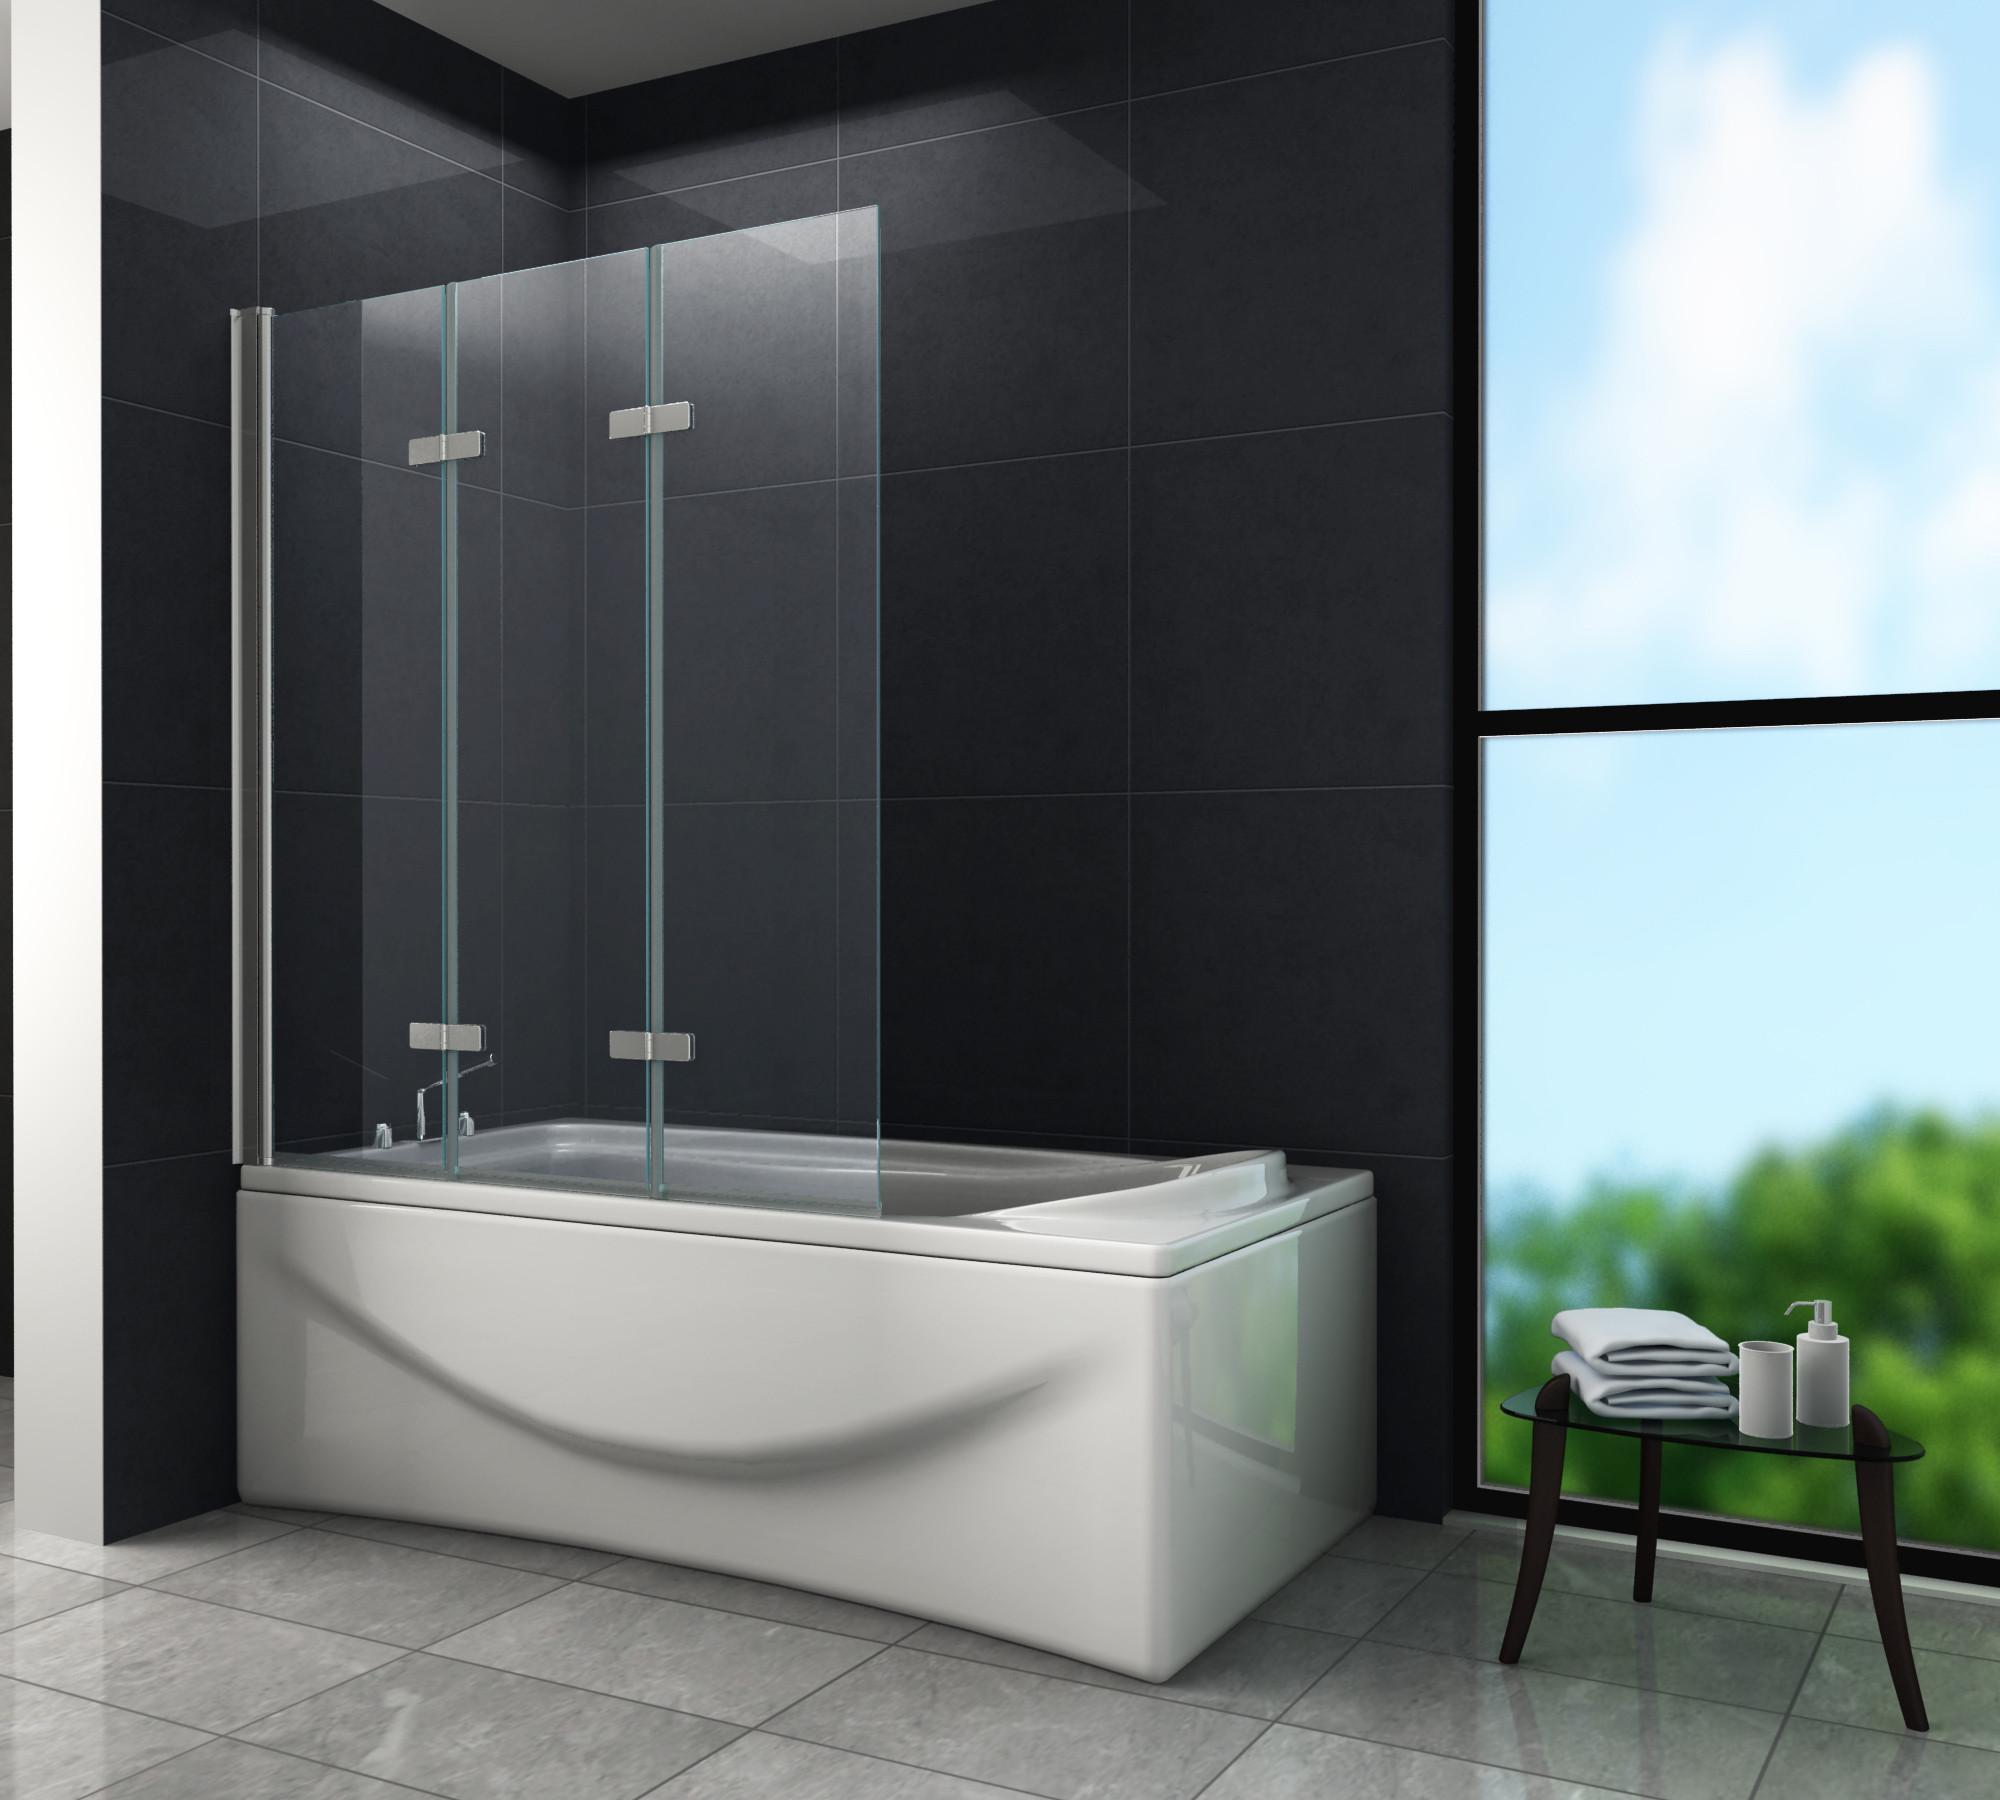 Badewanne Duschwand  Duschtrennwand VALVE 130 x 140 Badewanne Glasdeals